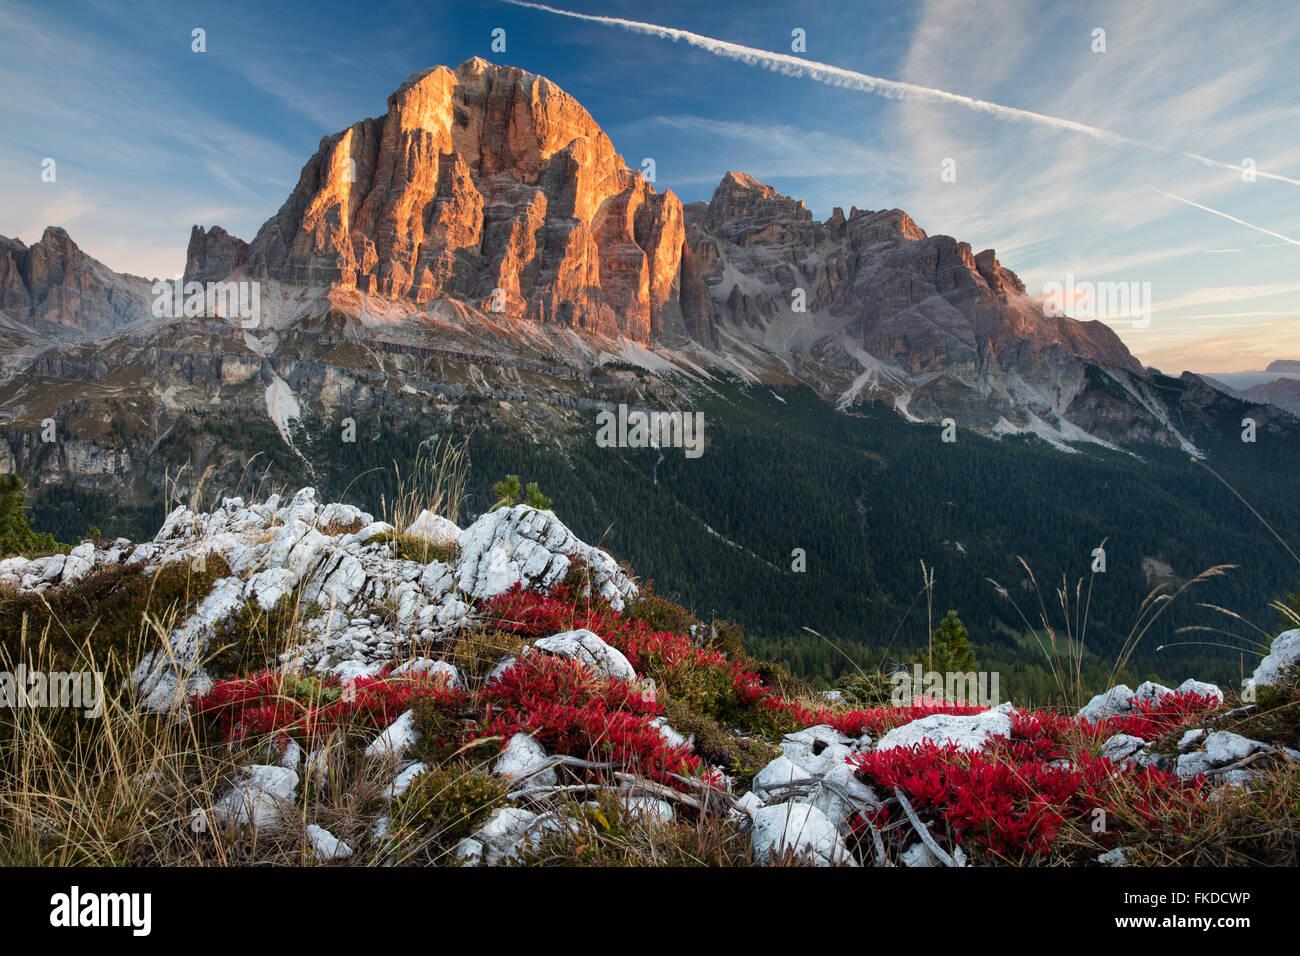 La primera luz en Tofana de Rozes de Cinque Torri, Dolomitas, provincia de Belluno, Veneto, Italia Imagen De Stock